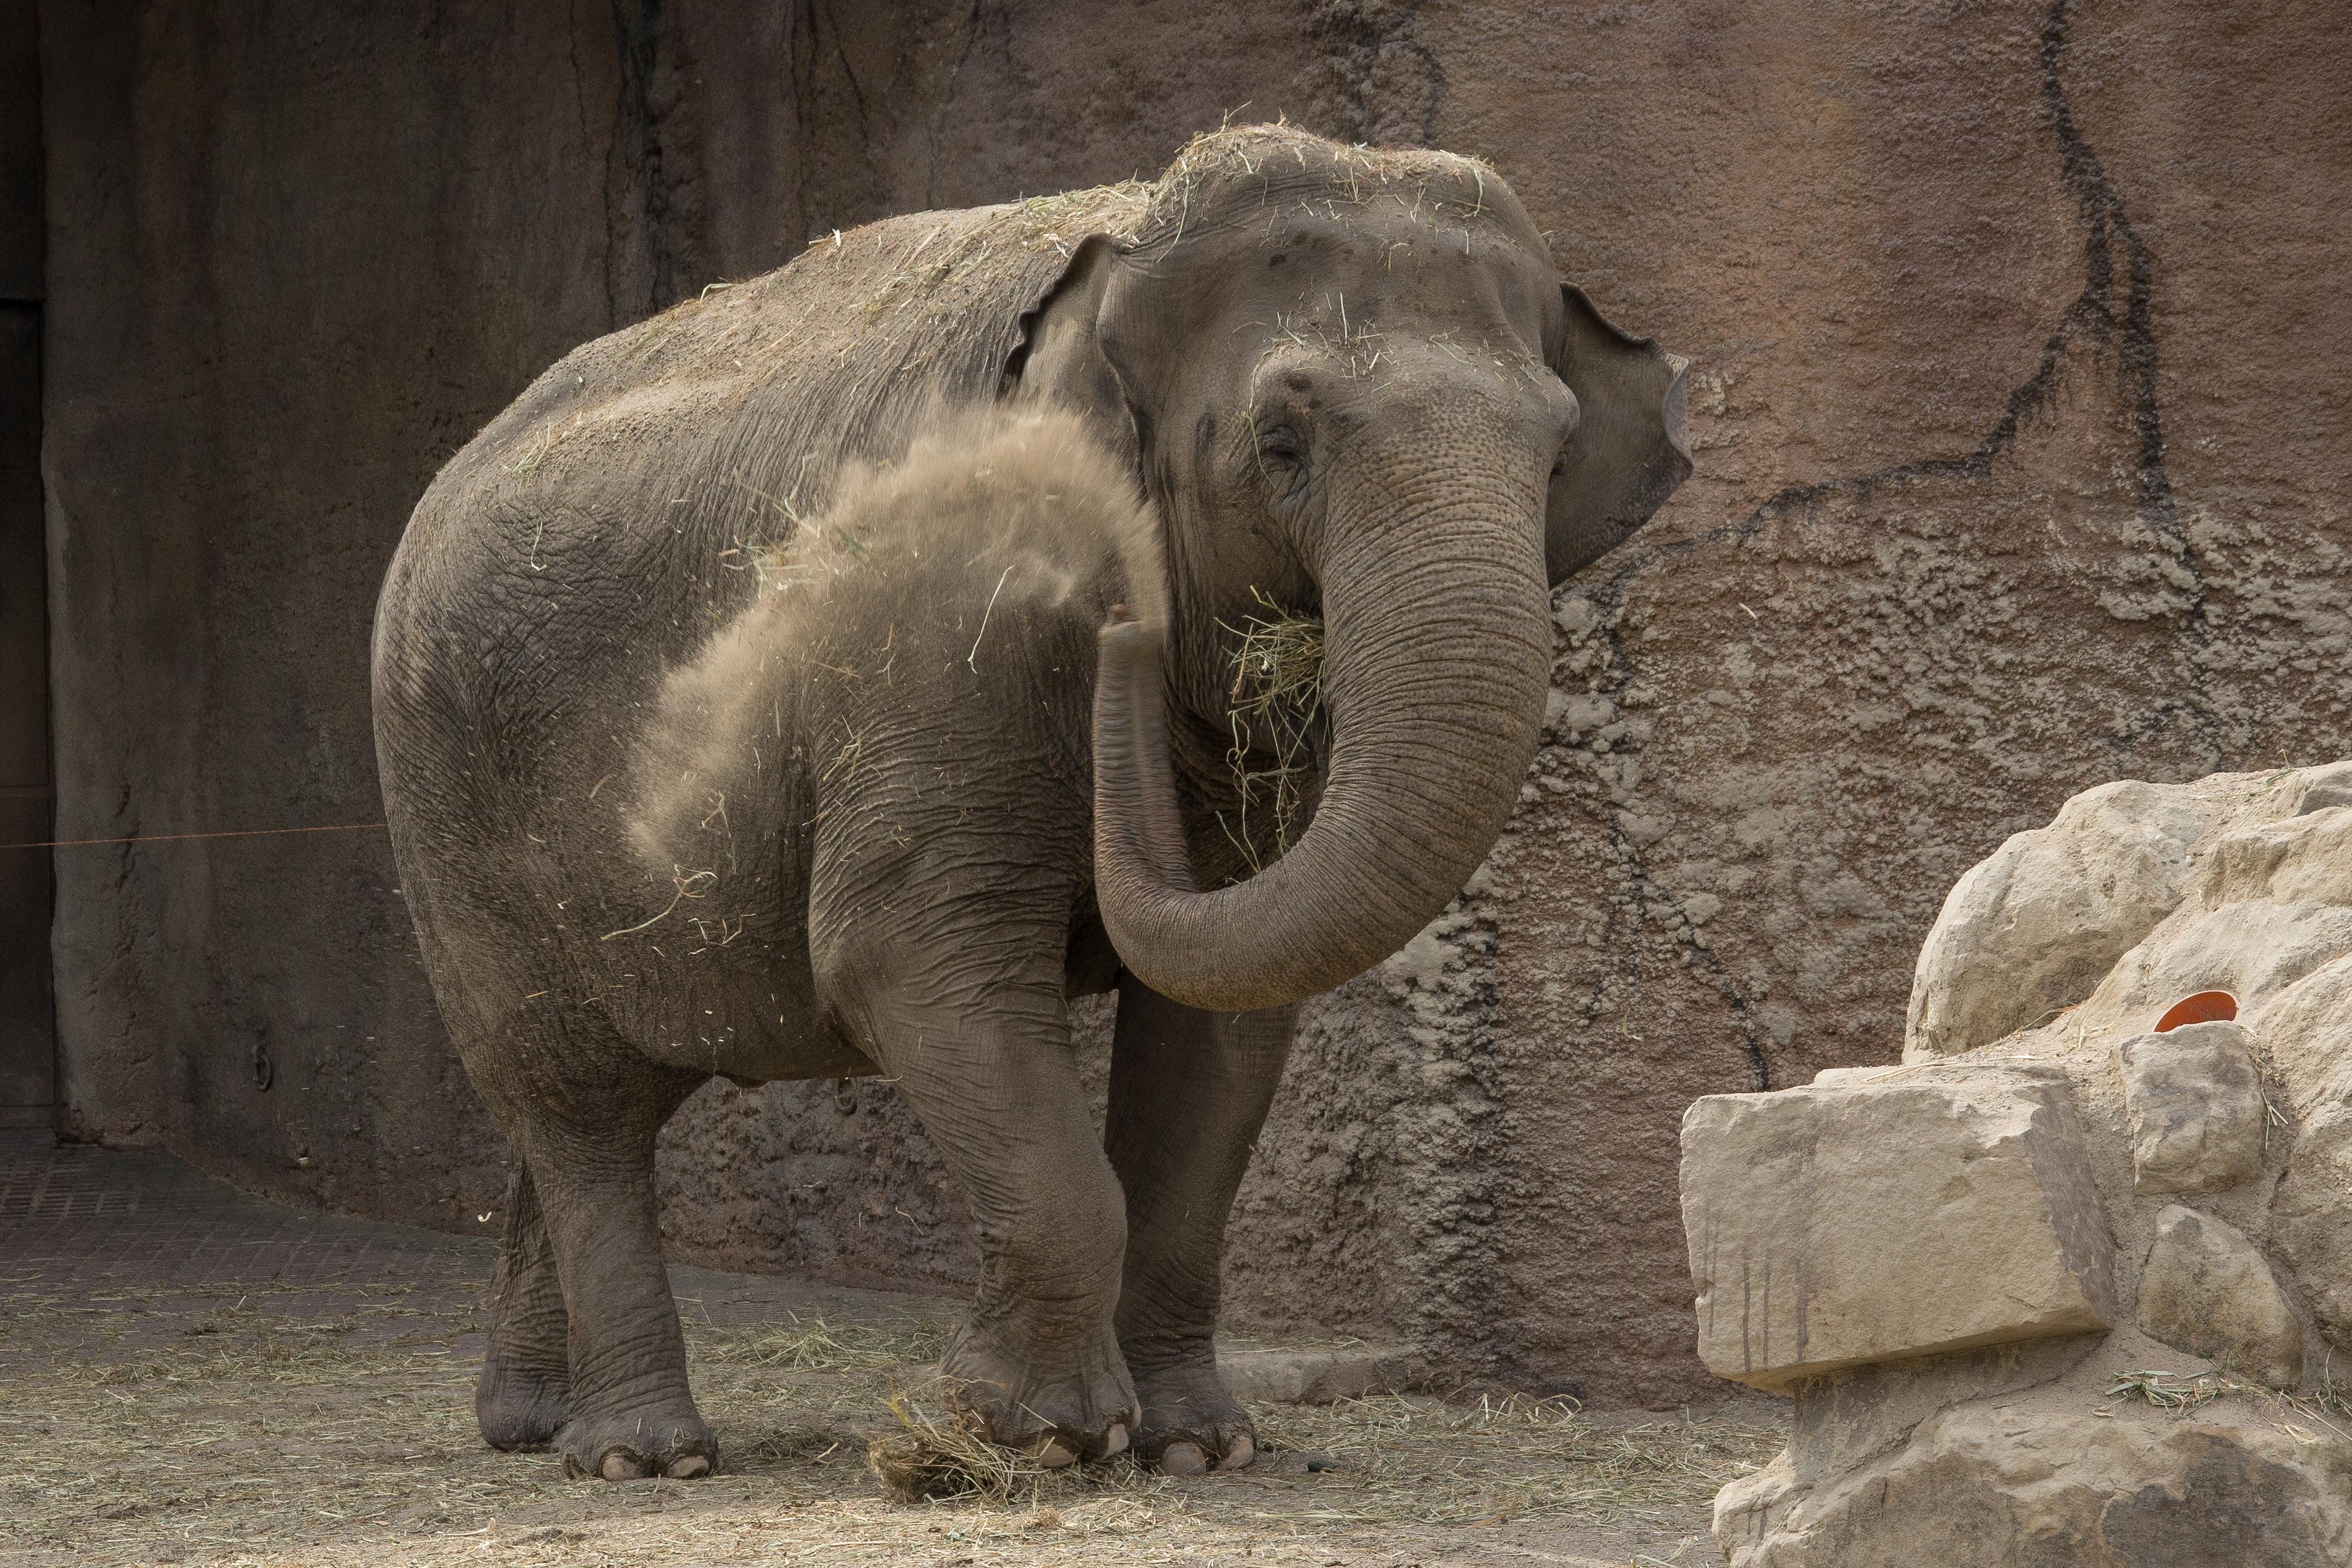 Images gratuites le sable faune zoo mammif re l phant animaux trompe l phant indien - Photos d elephants gratuites ...